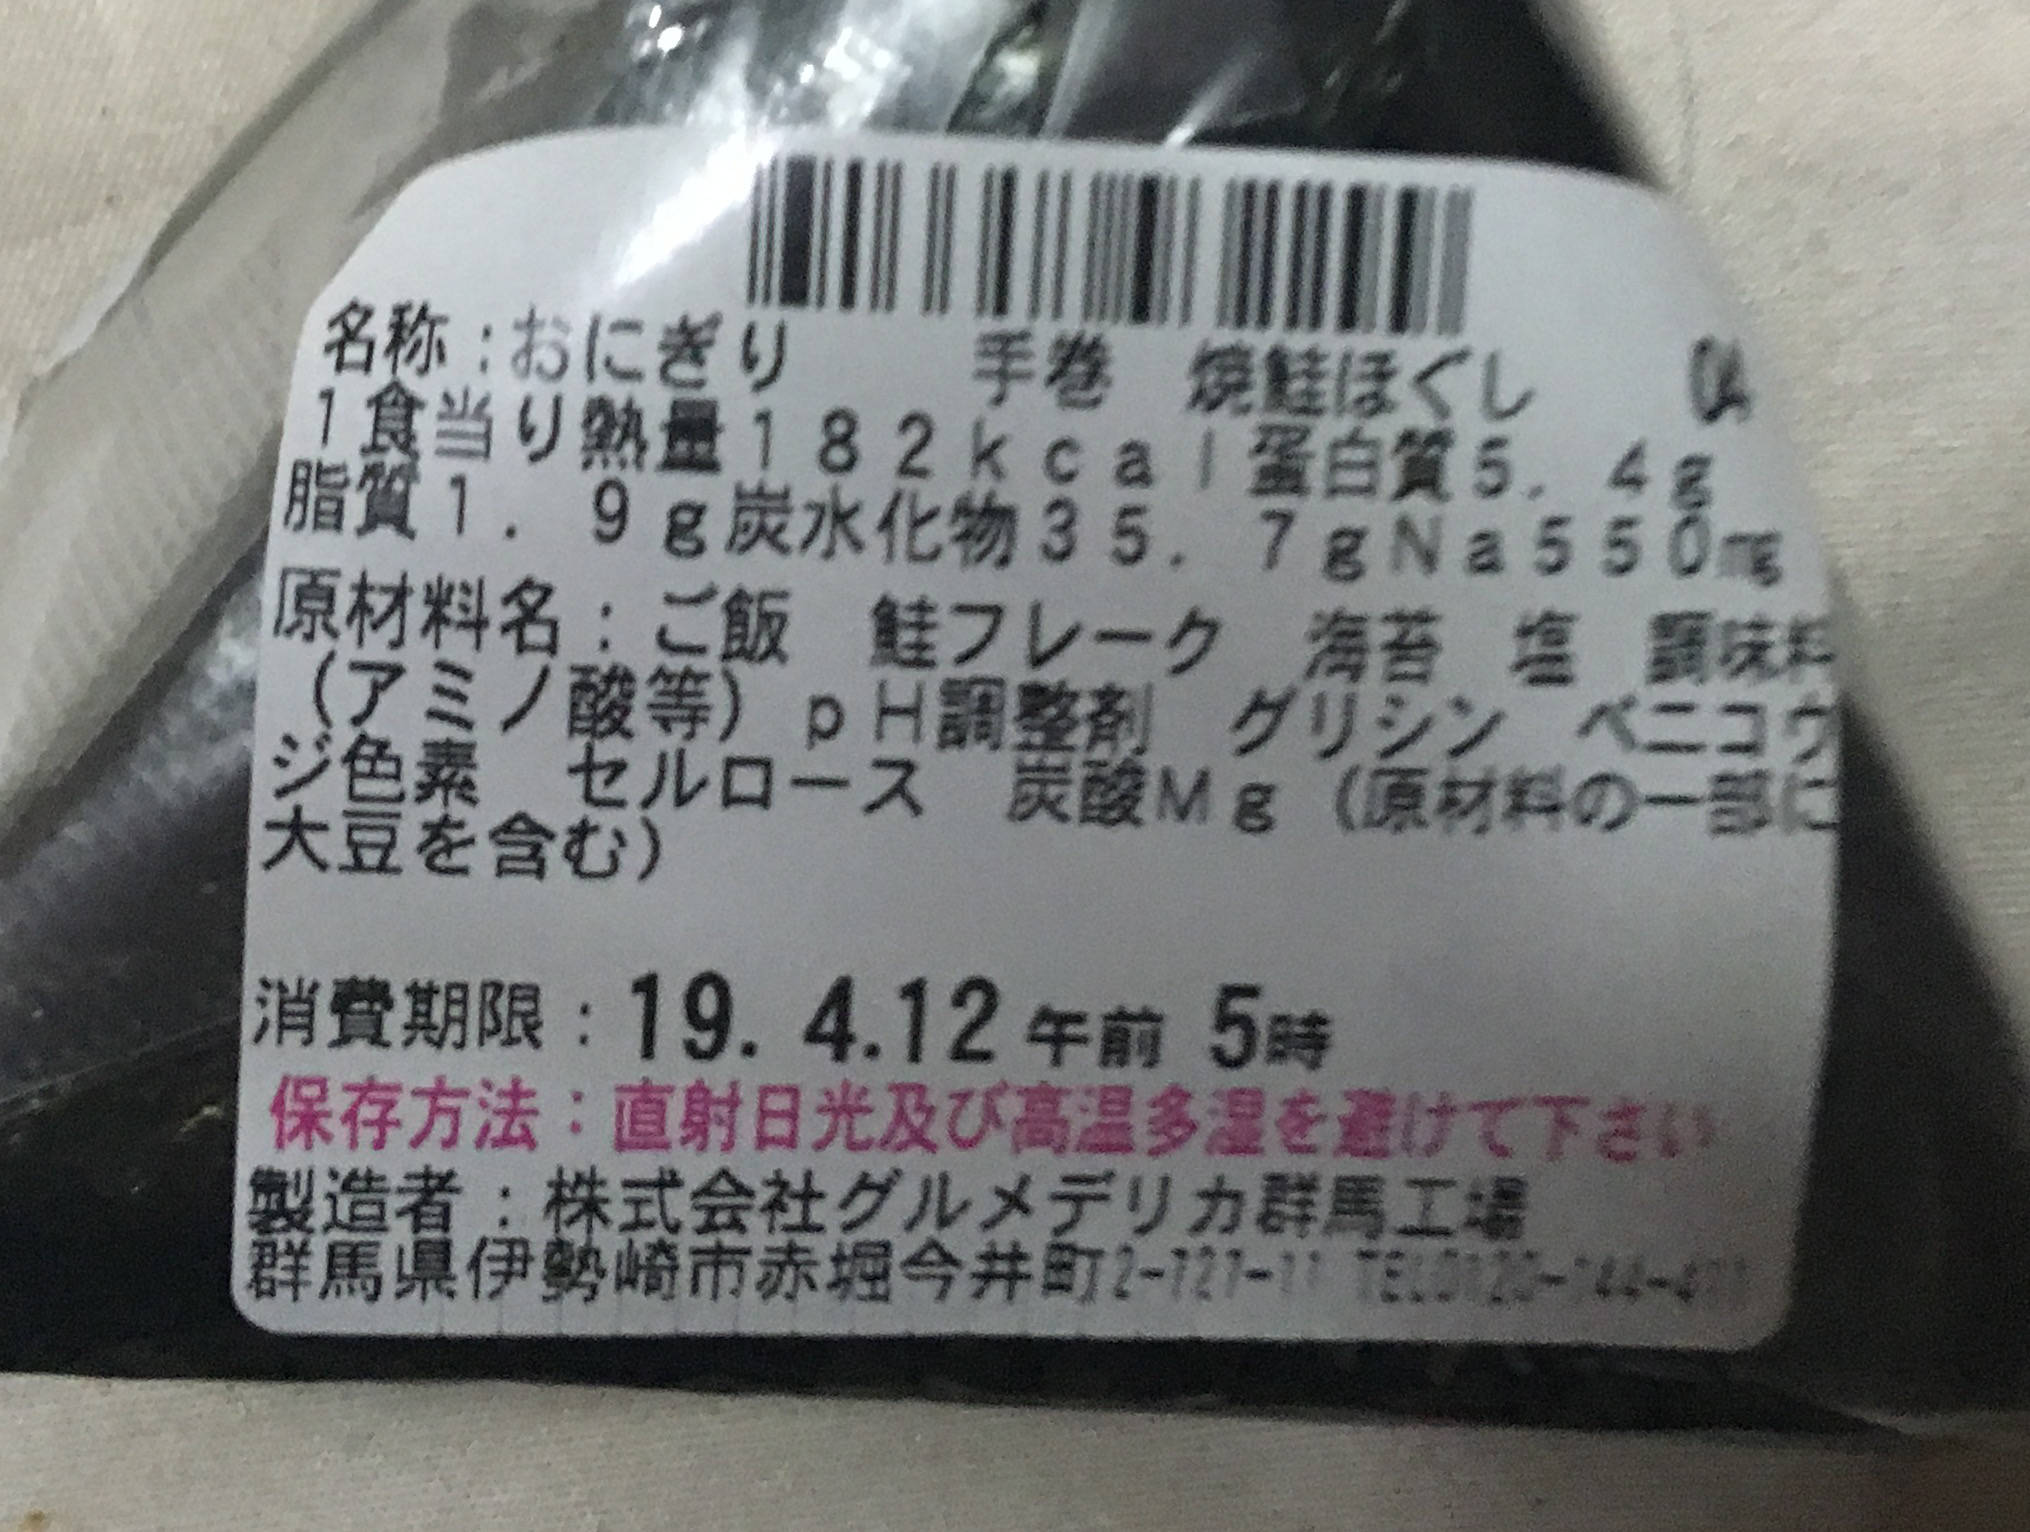 栄養成分表示・原材料:焼鮭ほぐし ローソンおにぎり屋